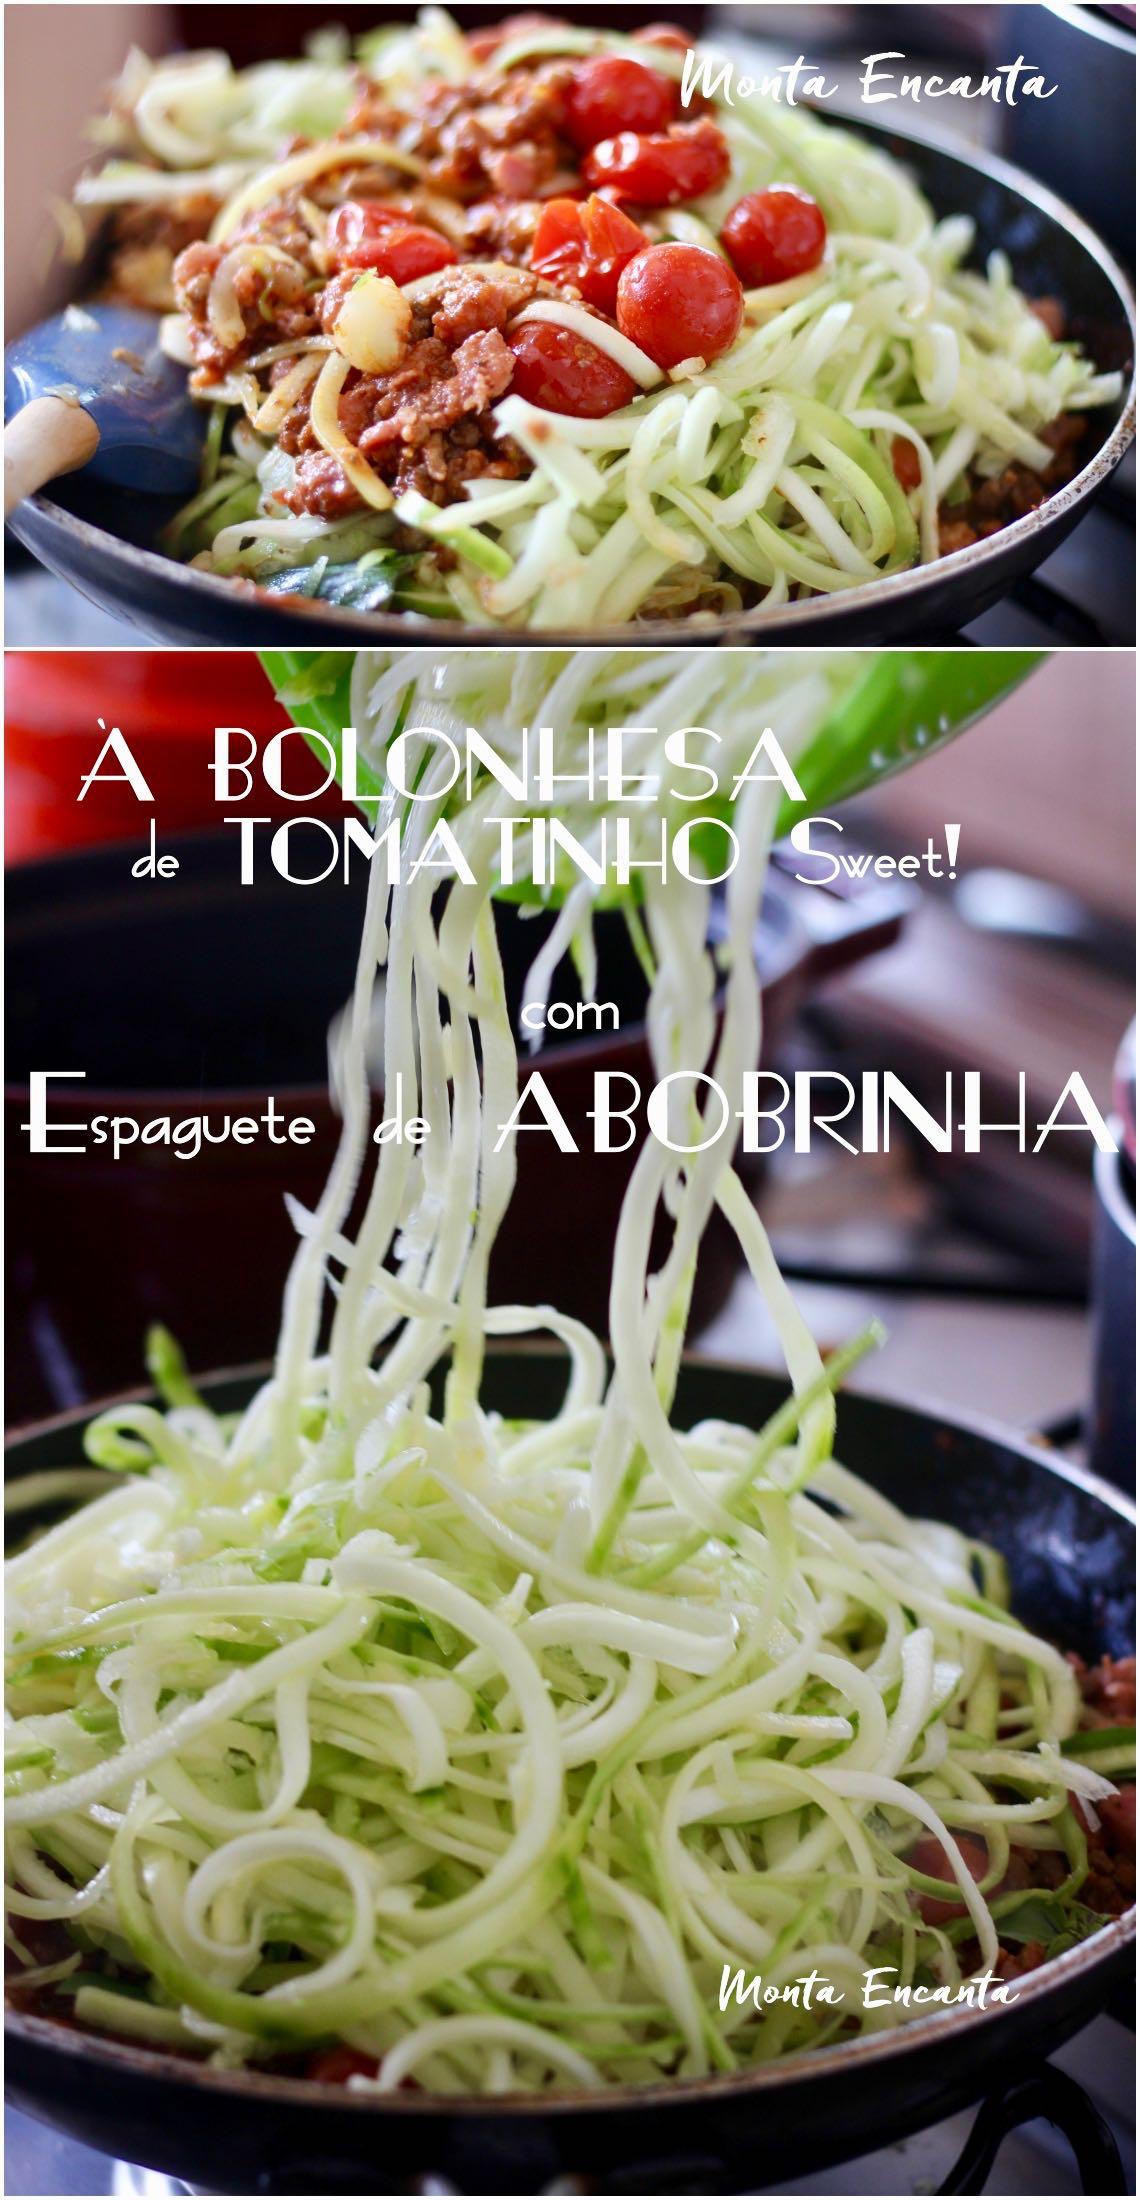 espaguete de abobrinha à bolonhesa